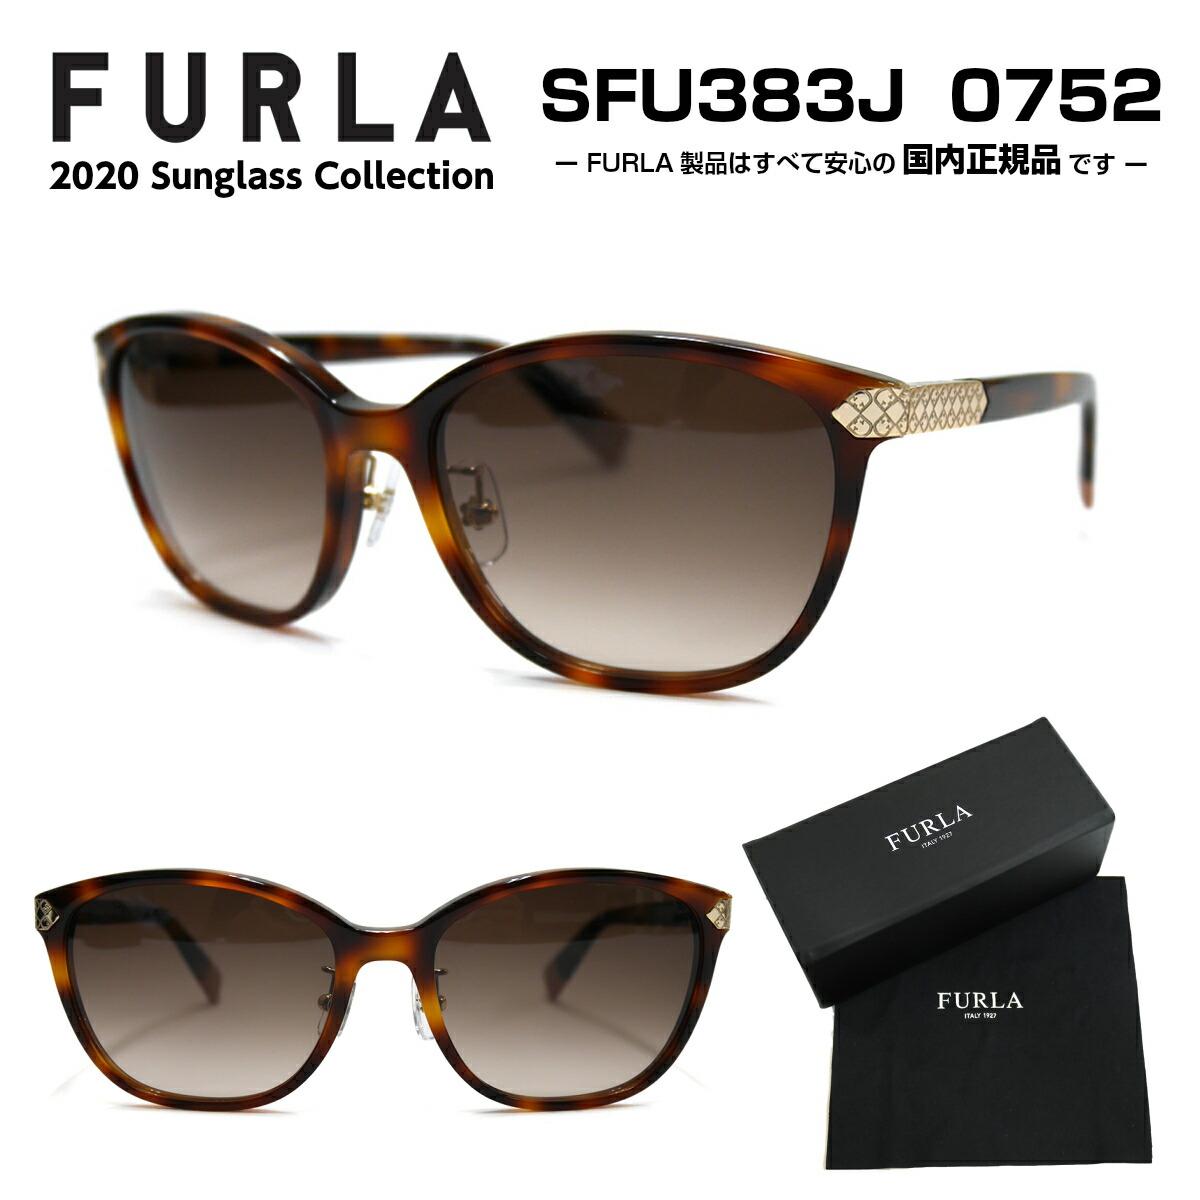 FURLA フルラ サングラス SFU383J 0752 2020年モデル SUNGLASS メガネ レディース 女性 正規品 UVカット ライトカラー うすめ きれい かわいい 大きめ 母の日 プレゼント ギフト オススメ